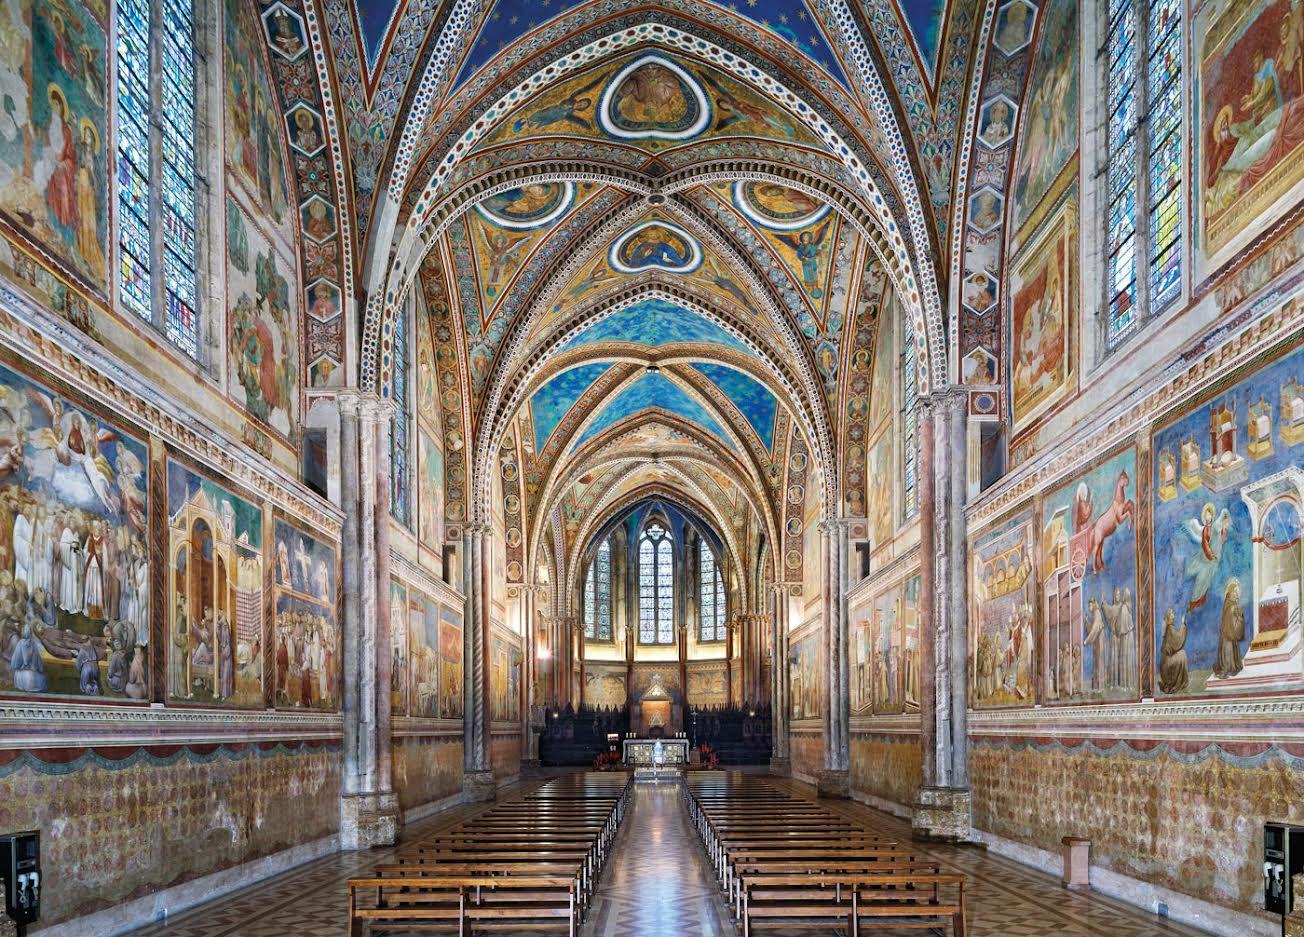 Lunedì 4 ottobre il cast di FVG in diretta social da Assisi per celebrare San Francesco!  Annunciate le prime date 2022: Forza Venite Gente a gennaio al teatro Team di Bari.